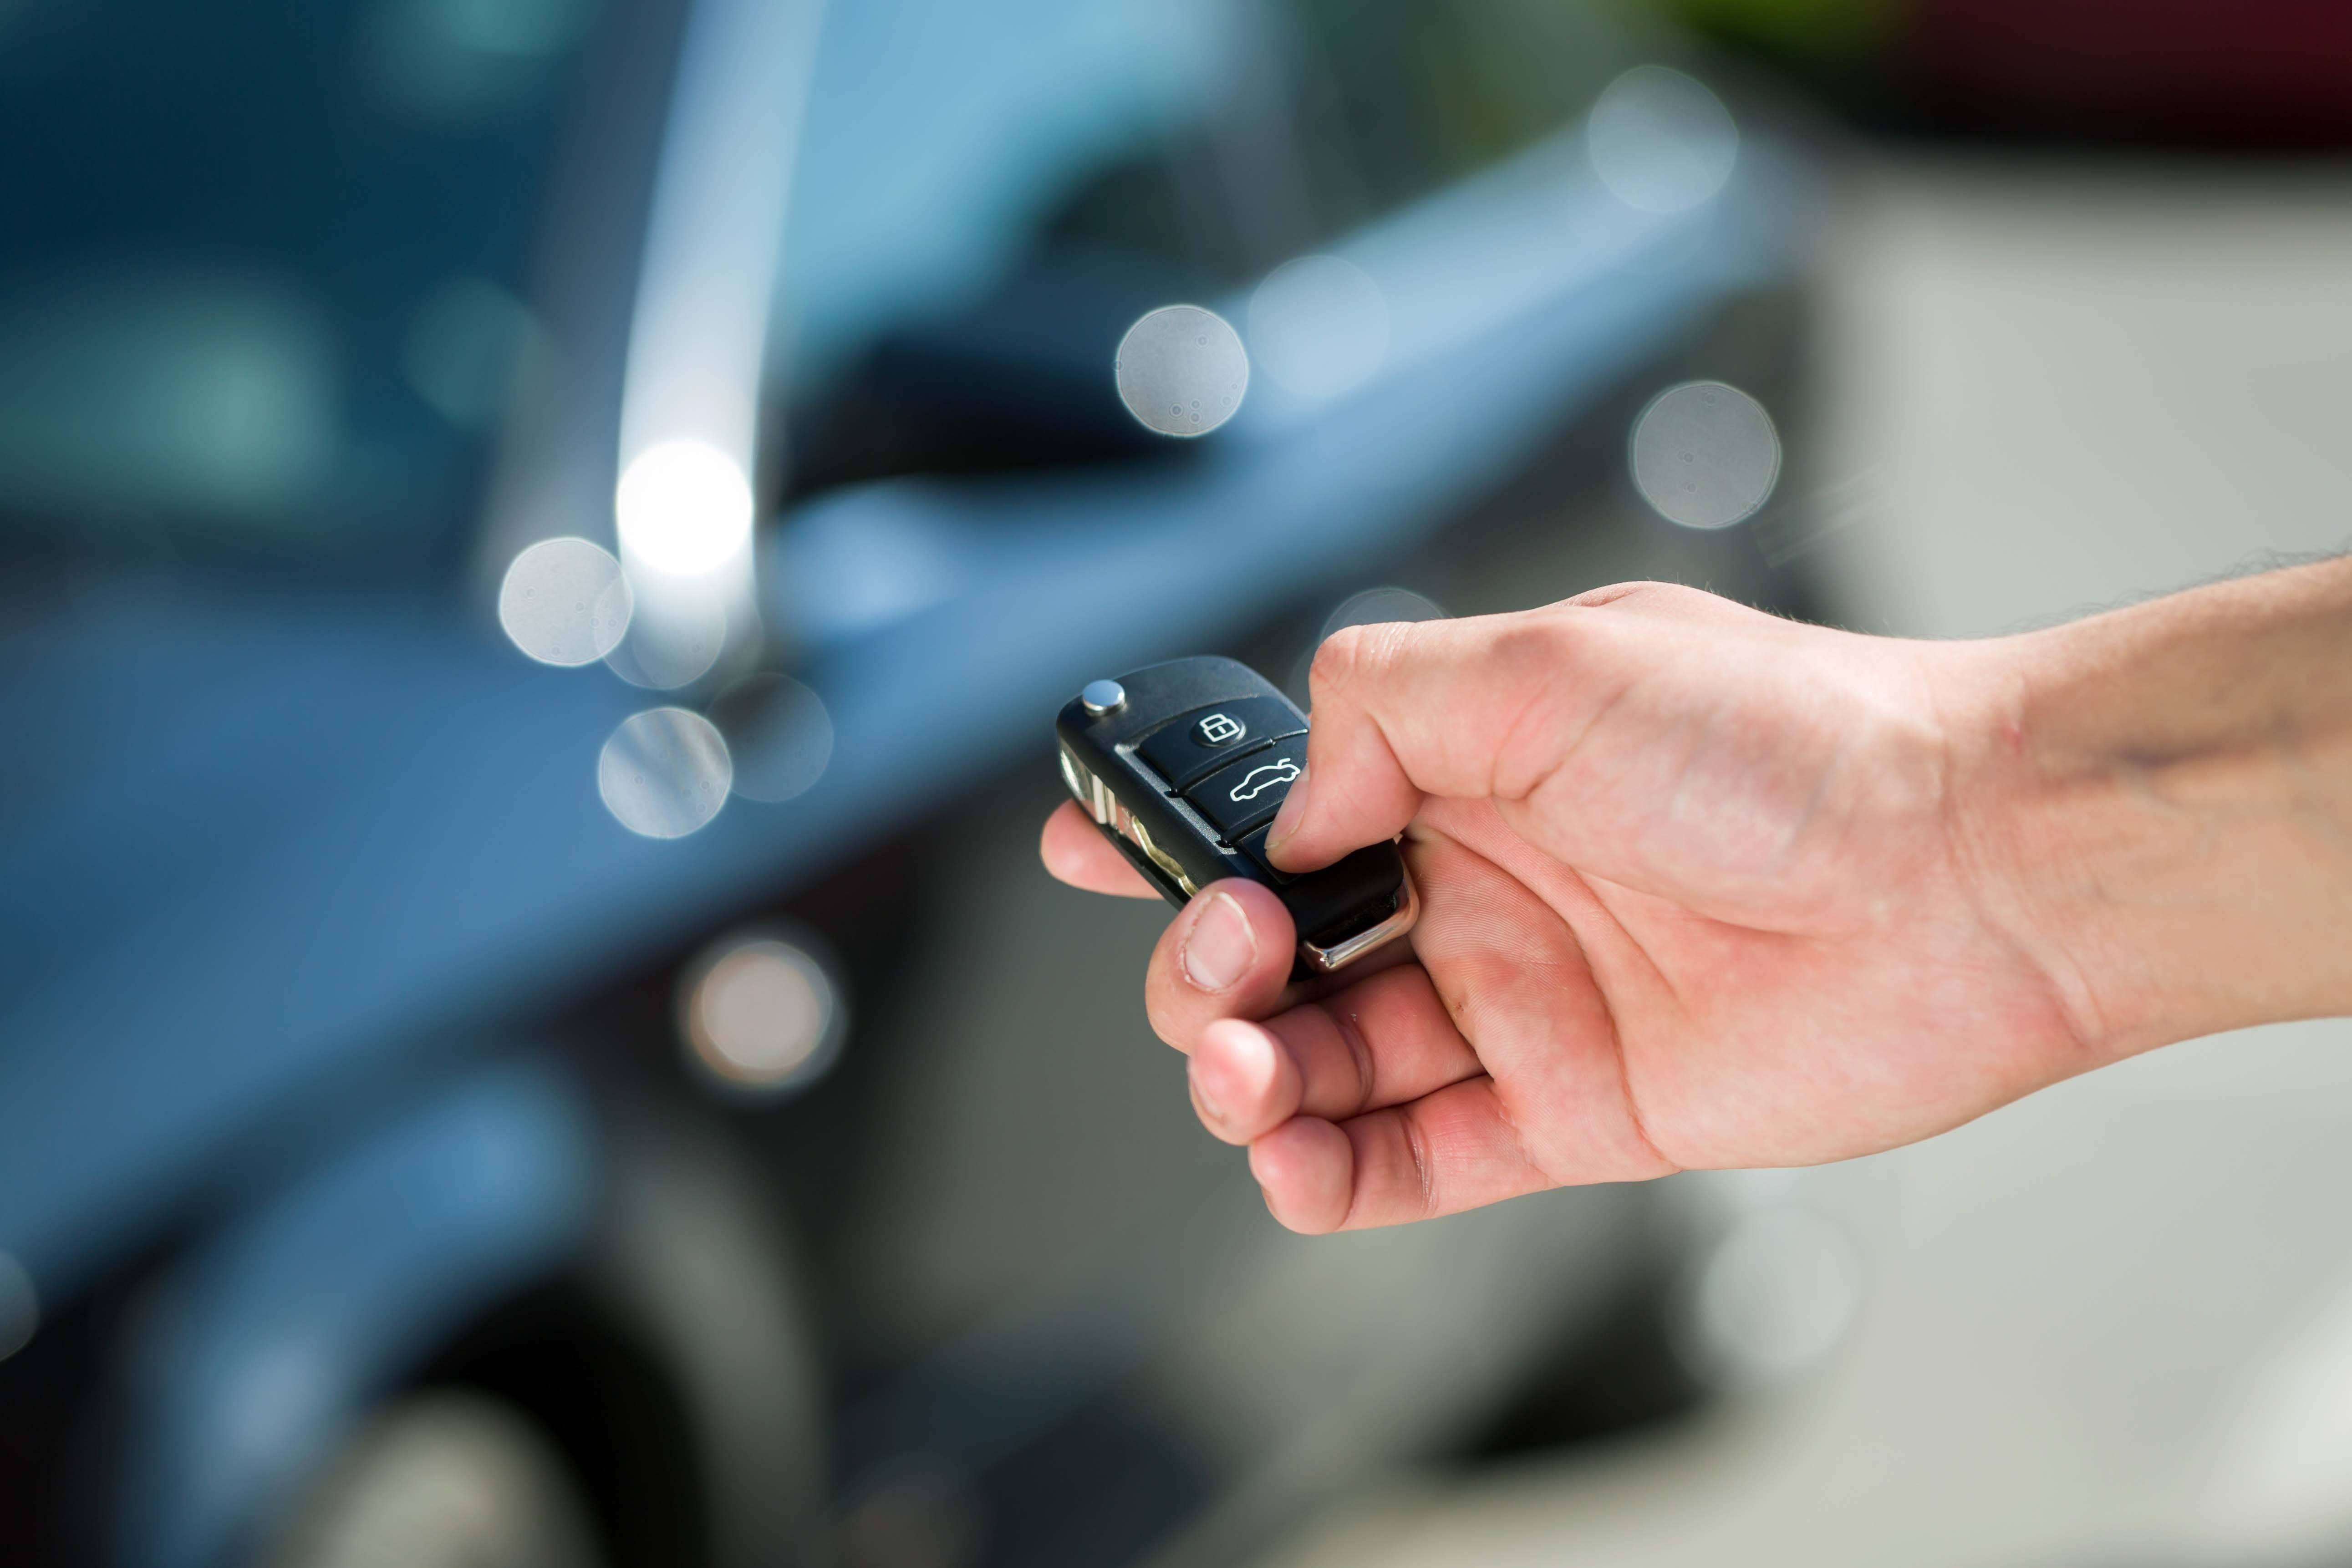 Аренда авто в испании: стоимость, прокатные компании, особенности пдд